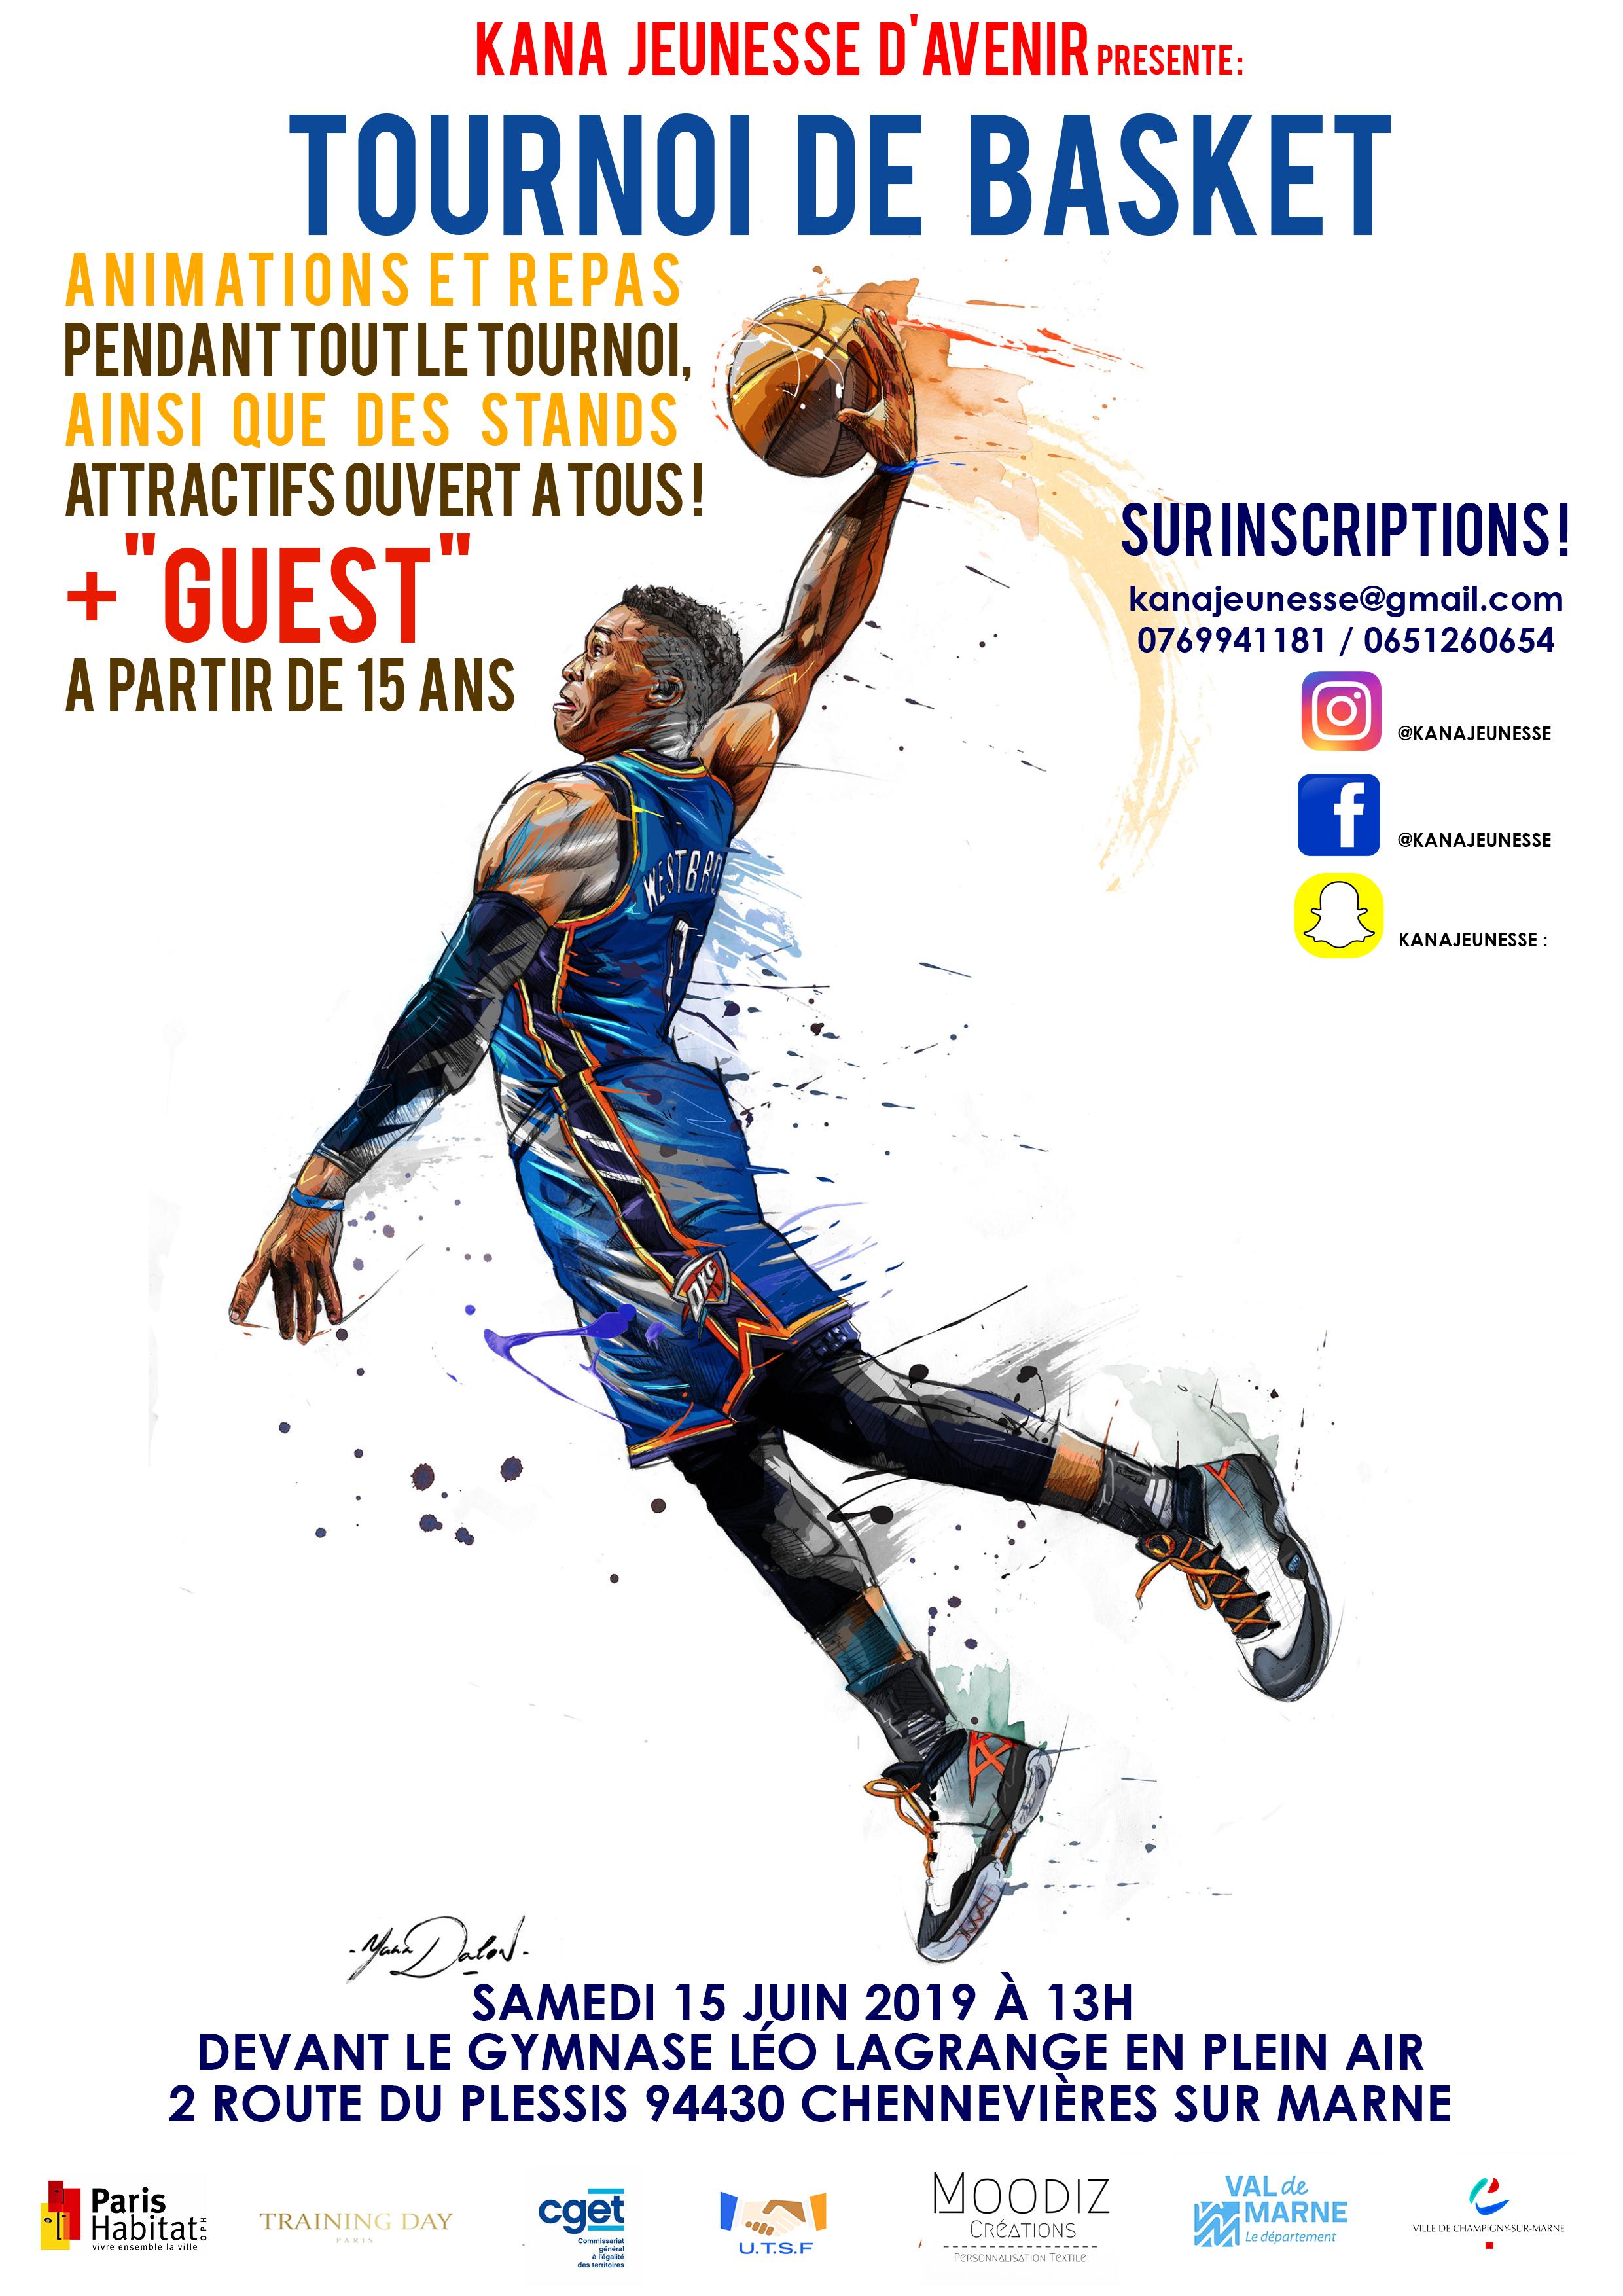 Tournoi de basket, repas, animations et stands